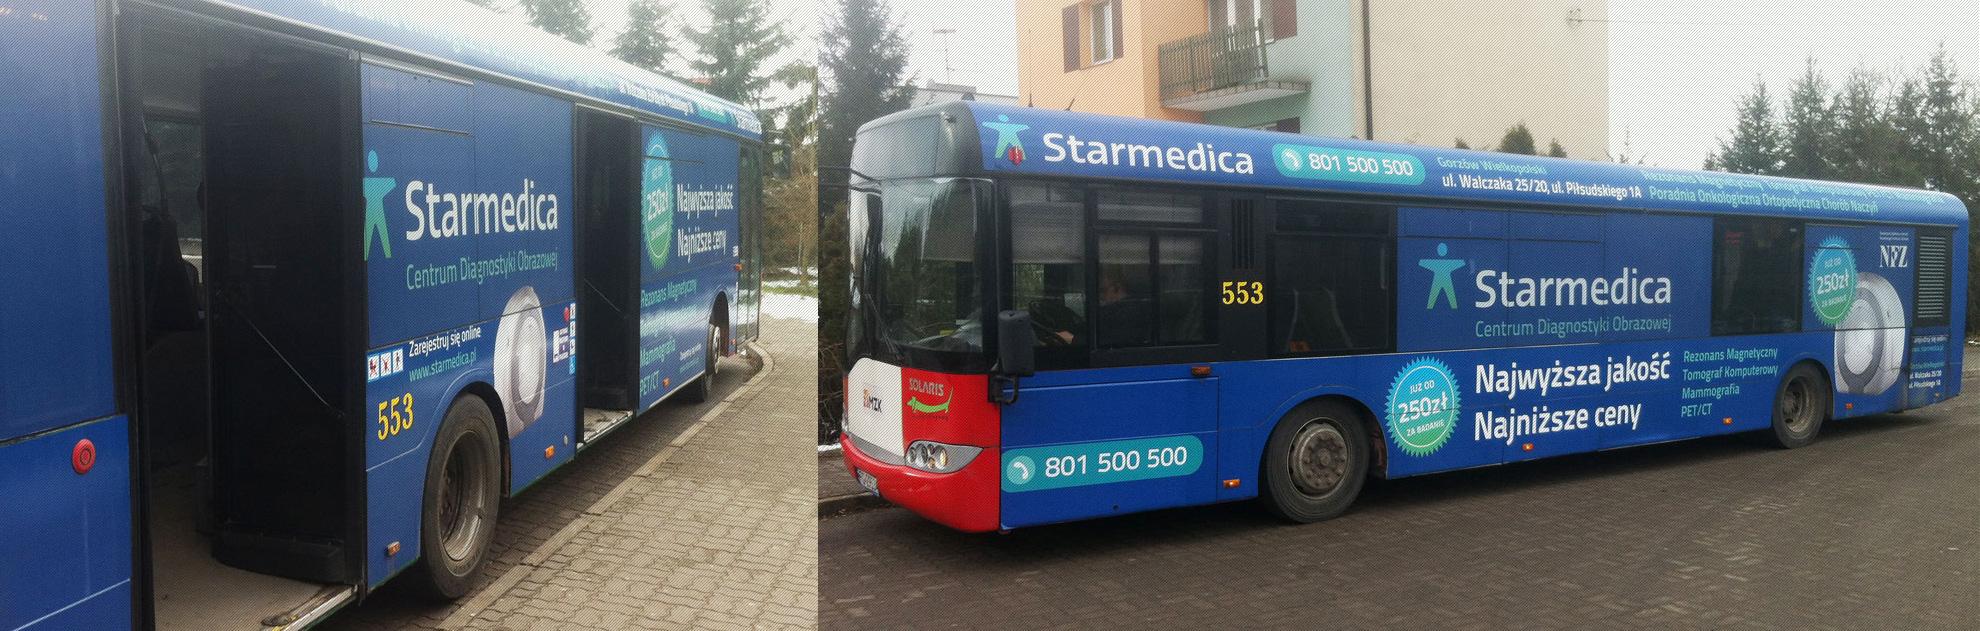 oklejanie pojazdów autobus mzk starmedica01